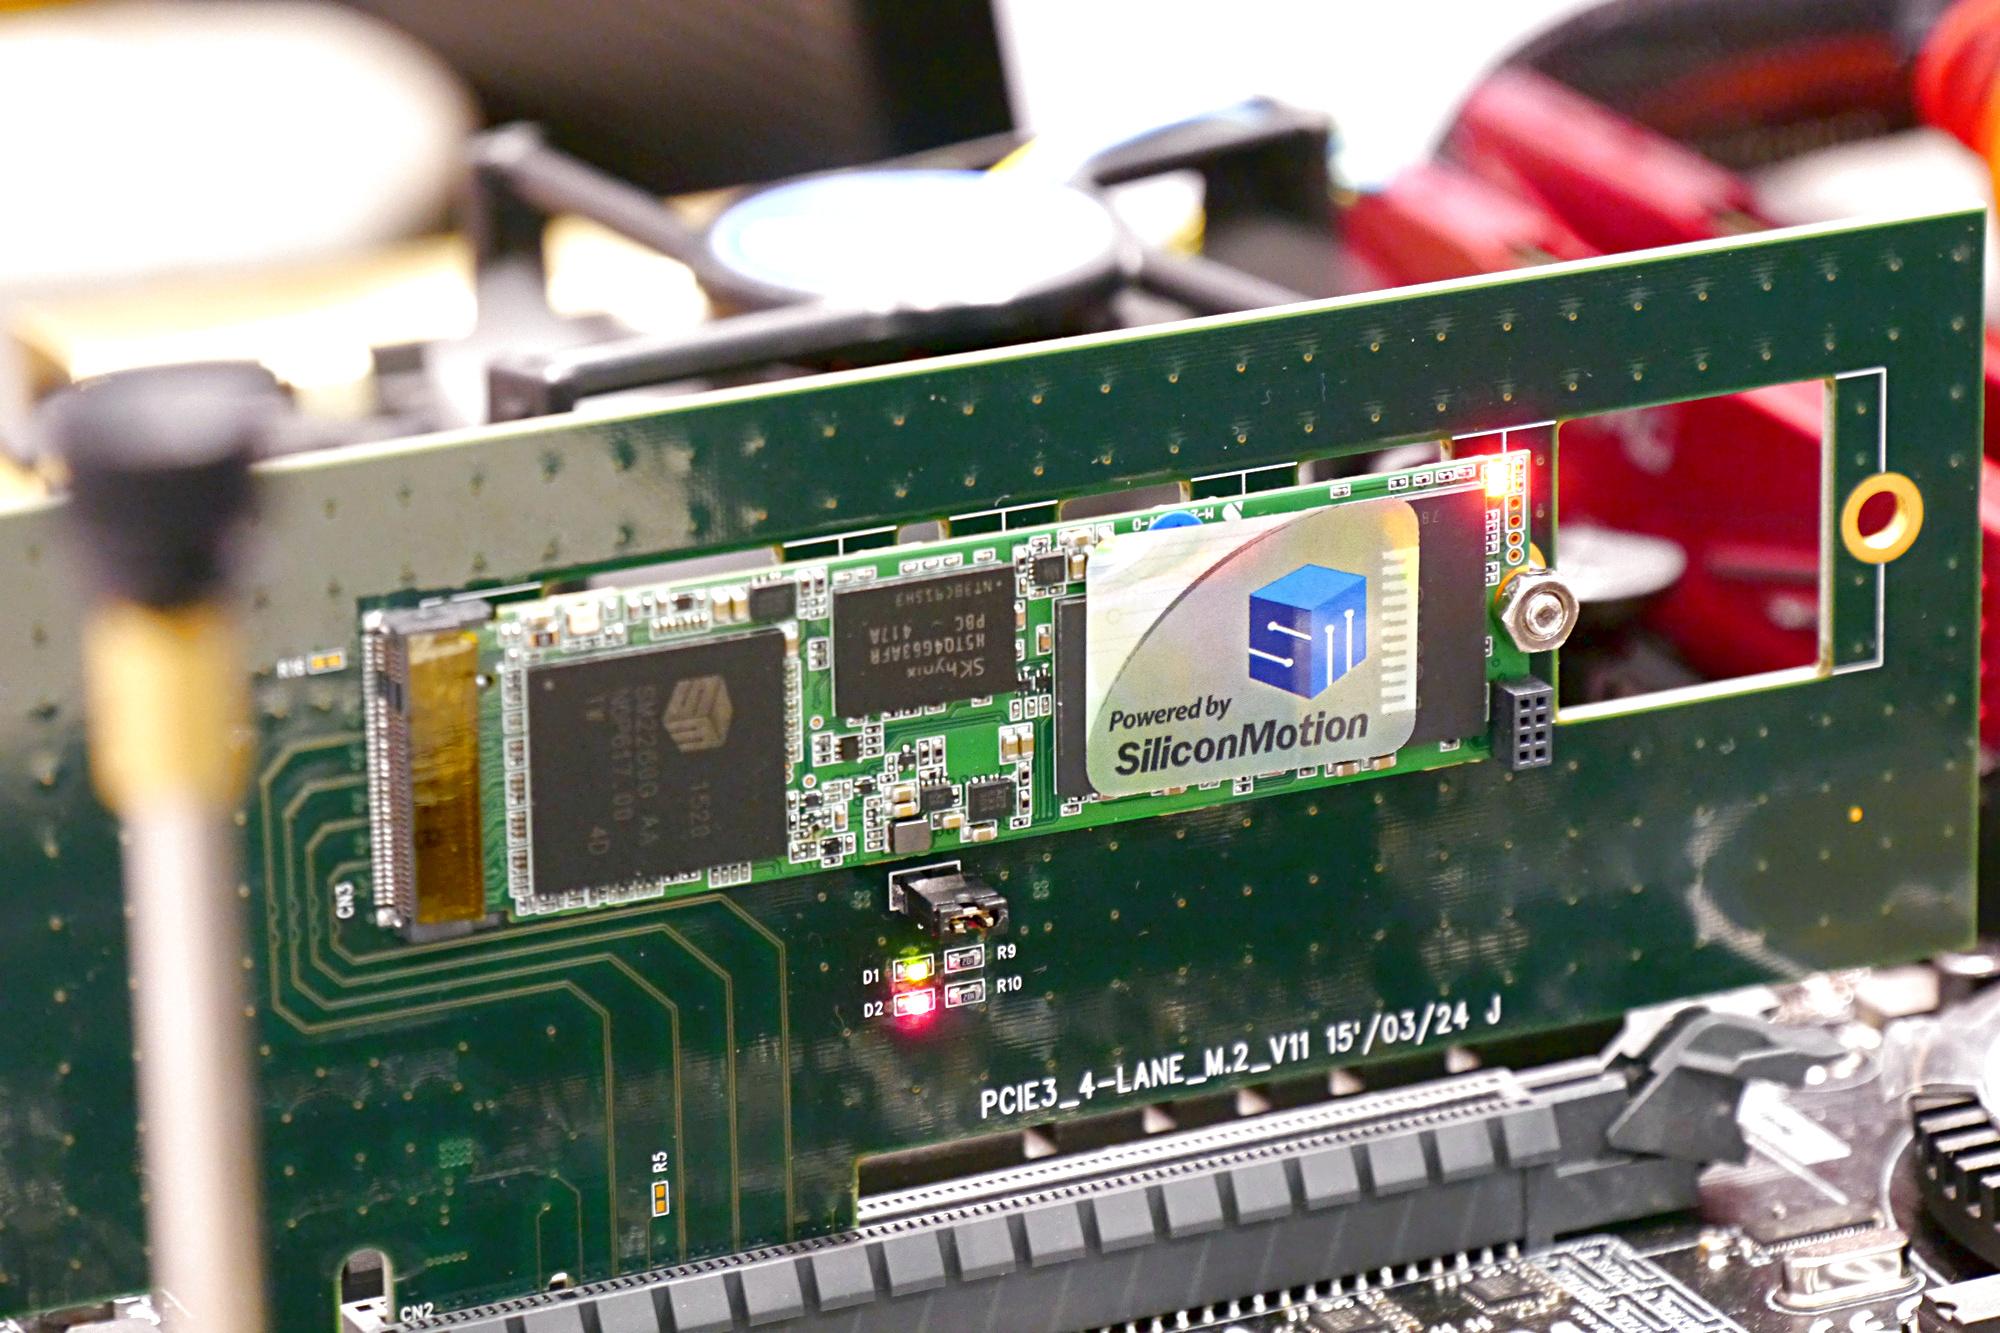 SM2260 und SM2256: Silicon Motion zeigt erste SSD-Controller für TLC und NVMe - Details zu Silicon Motions neuem NVMe-Controller (Foto: Marc Sauter/Golem.de)